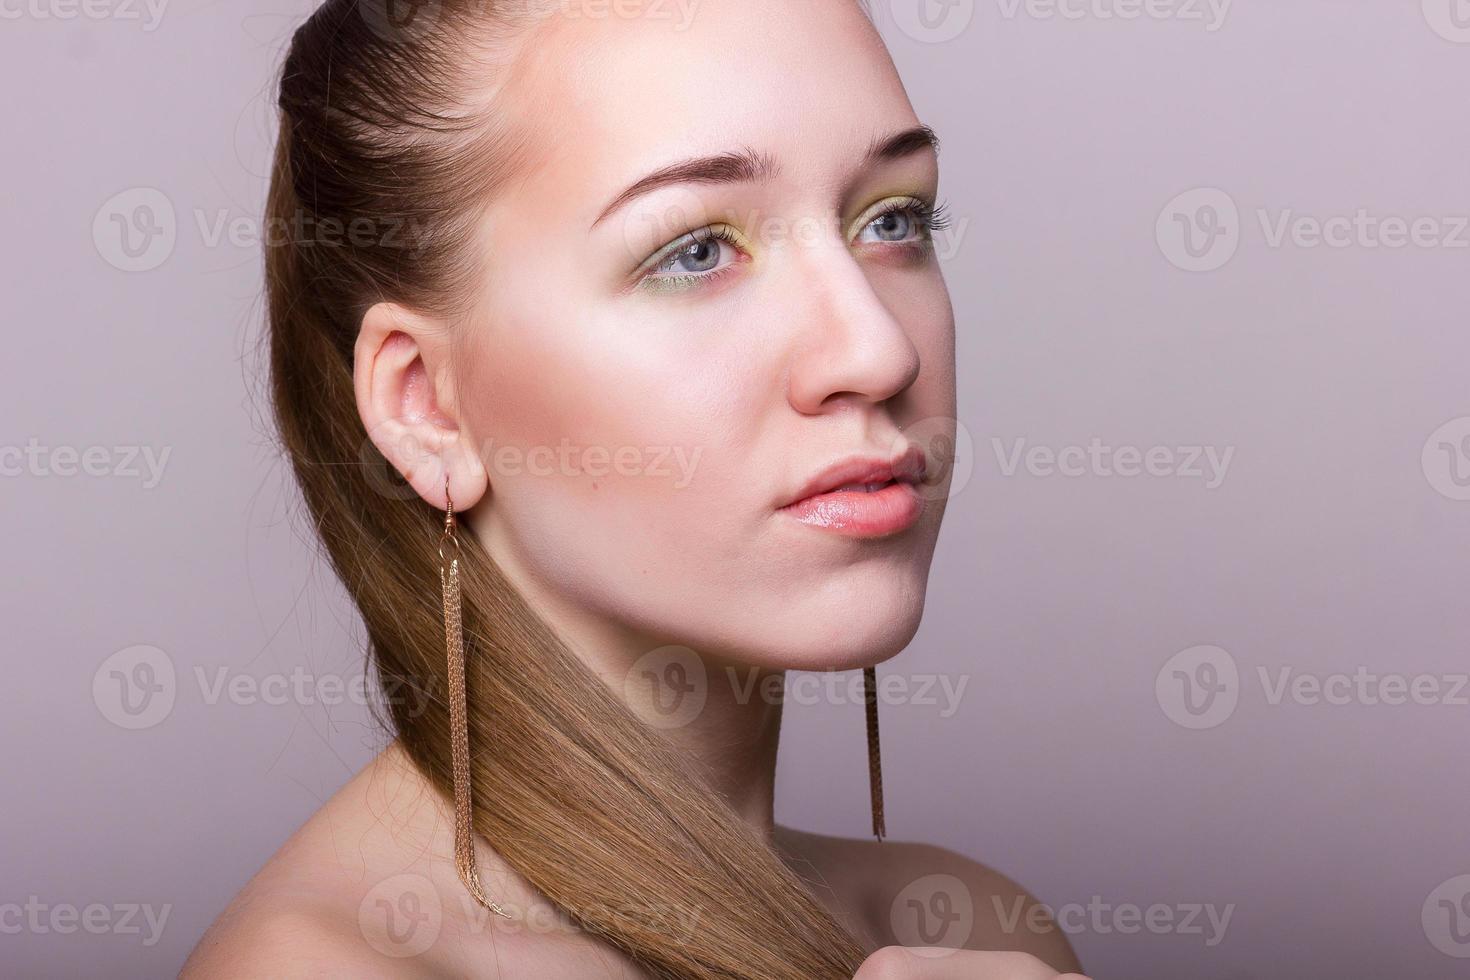 studio bellezza ritratto di una giovane e bella donna foto